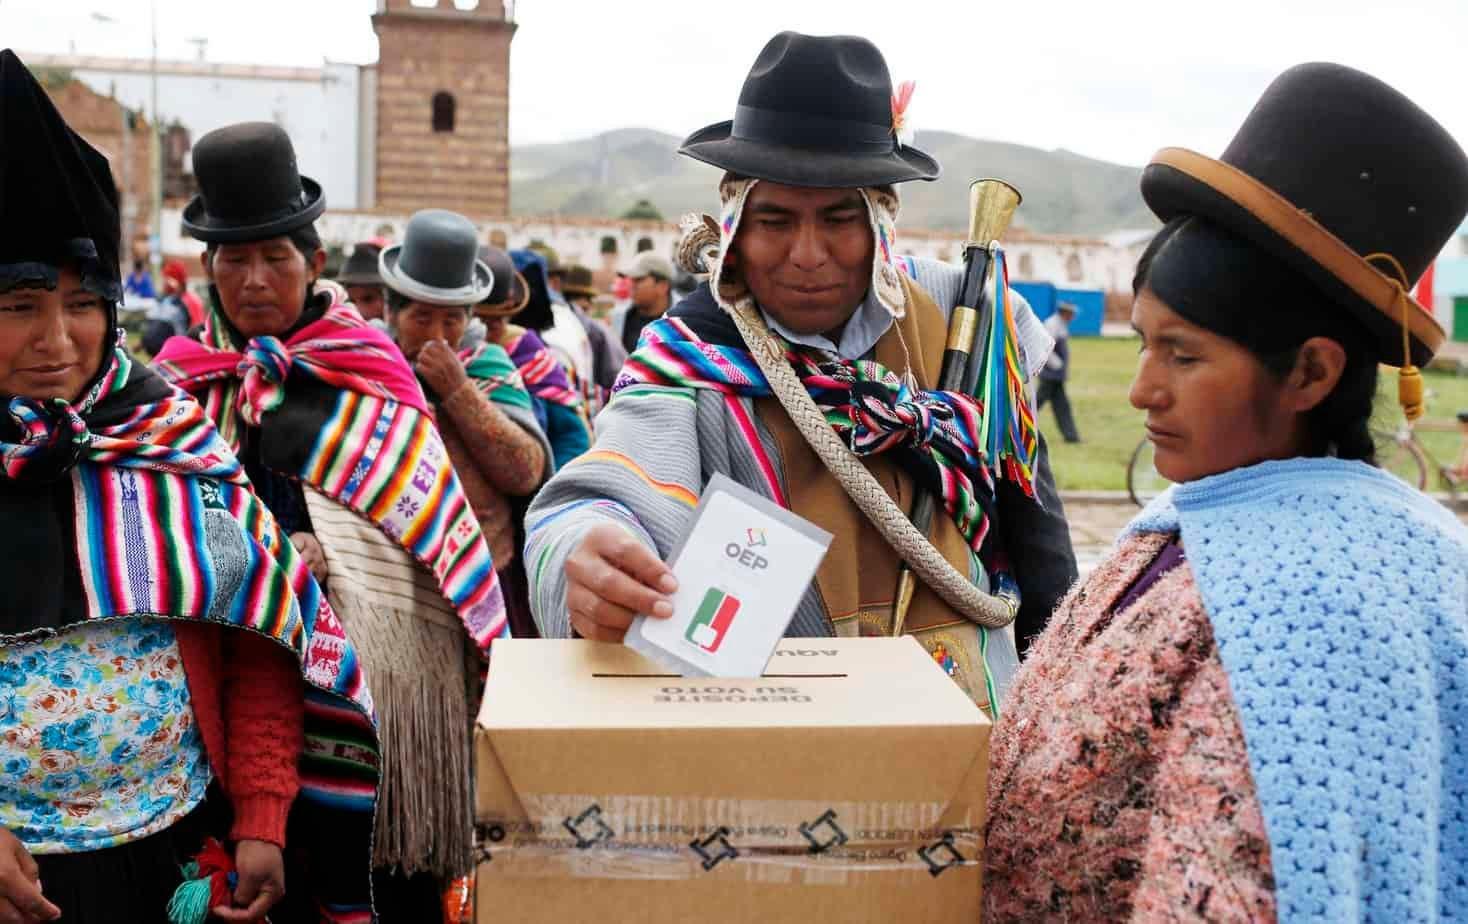 Bolivya Seçimleri: Uluslararası Sağ/Faşist Dalgaya Karşı Geçici Bir Kazanım